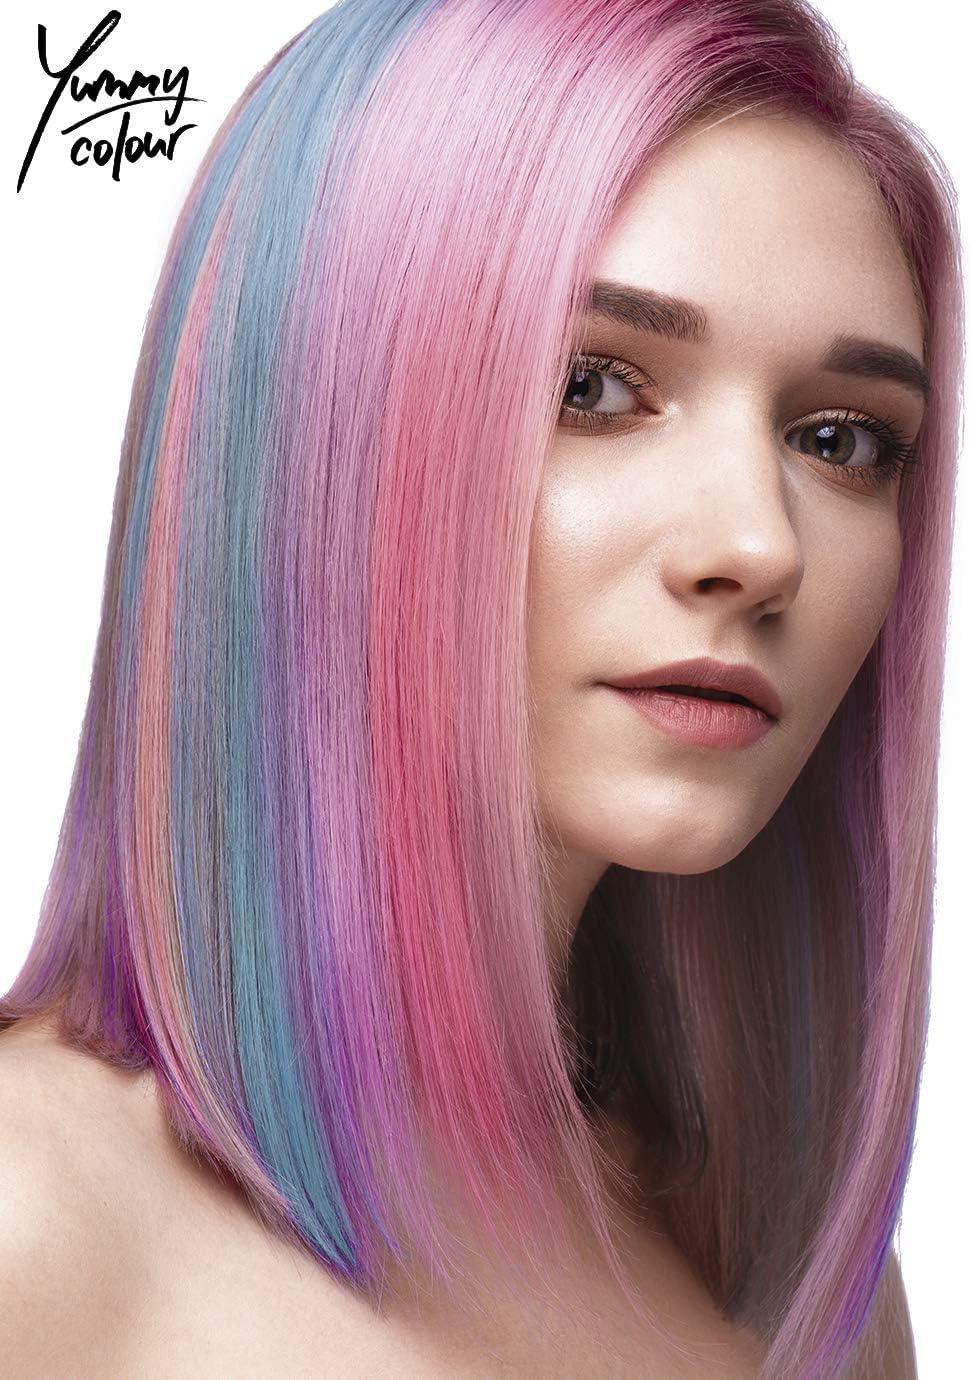 Stargazer Yummy Colour - Juego de tiras semipermanentes para teñir el cabello, color pastel